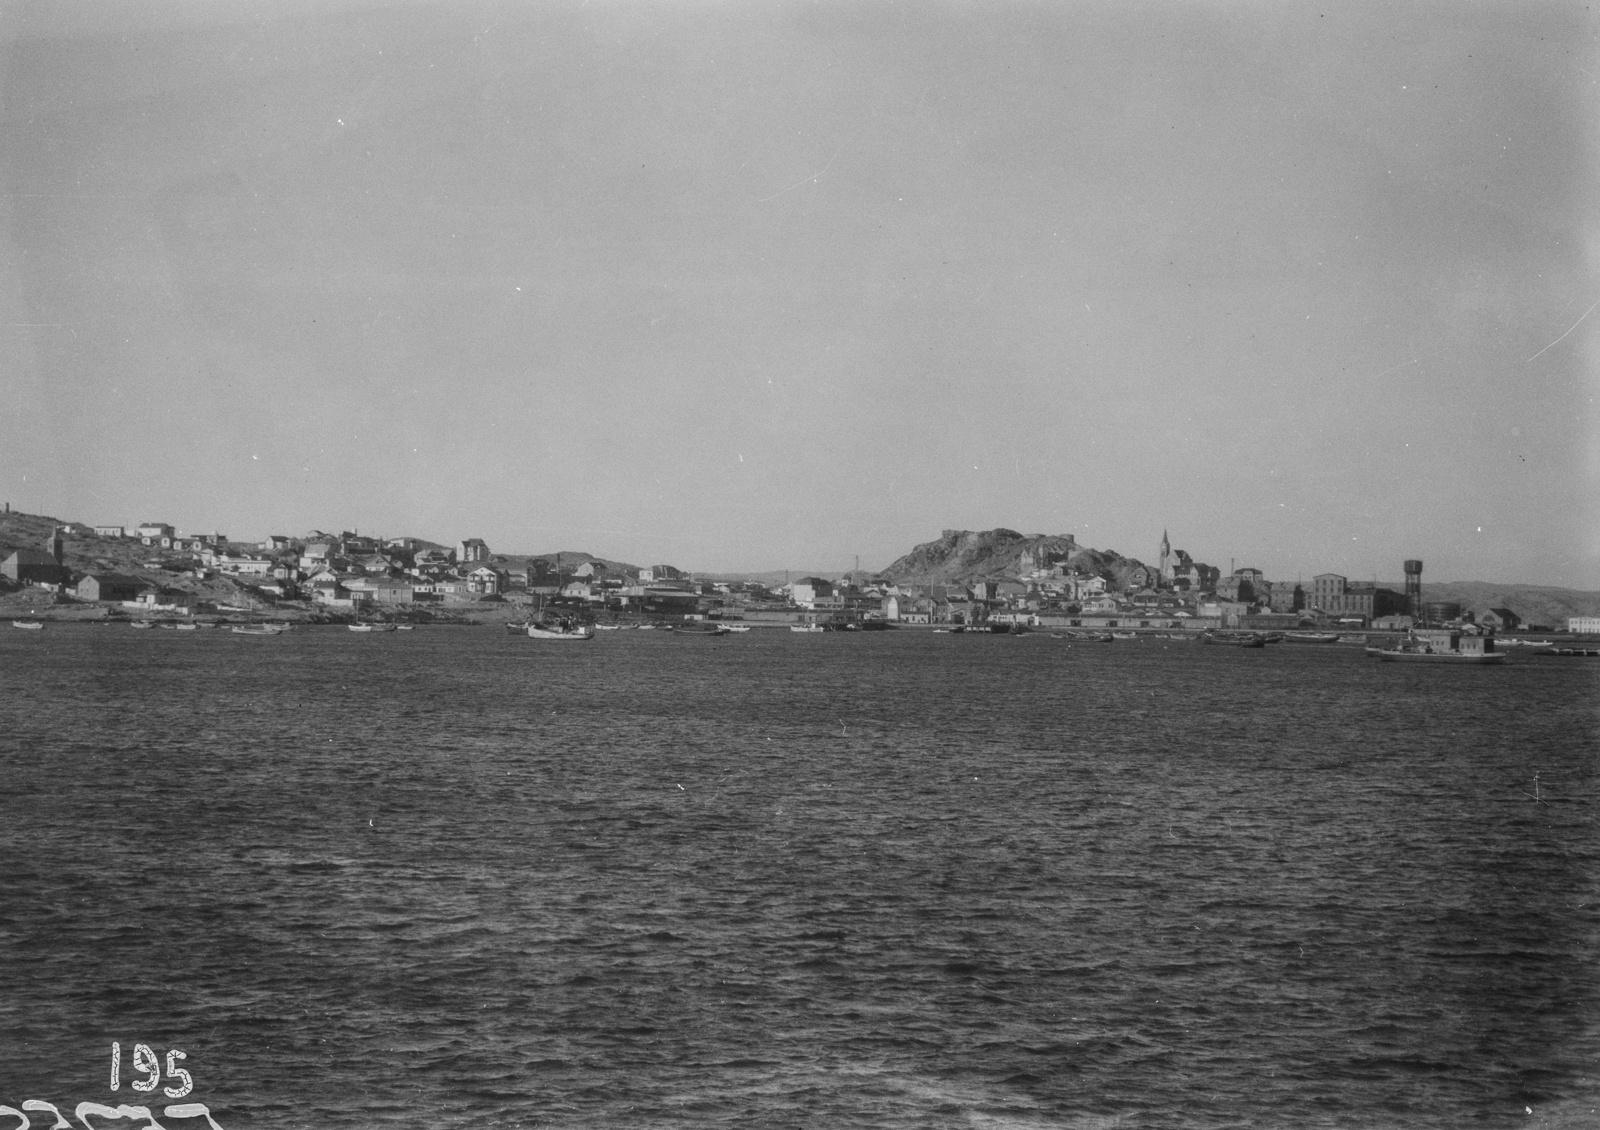 Южно-Африканский Союз. Кейптаун. Вид на гавань